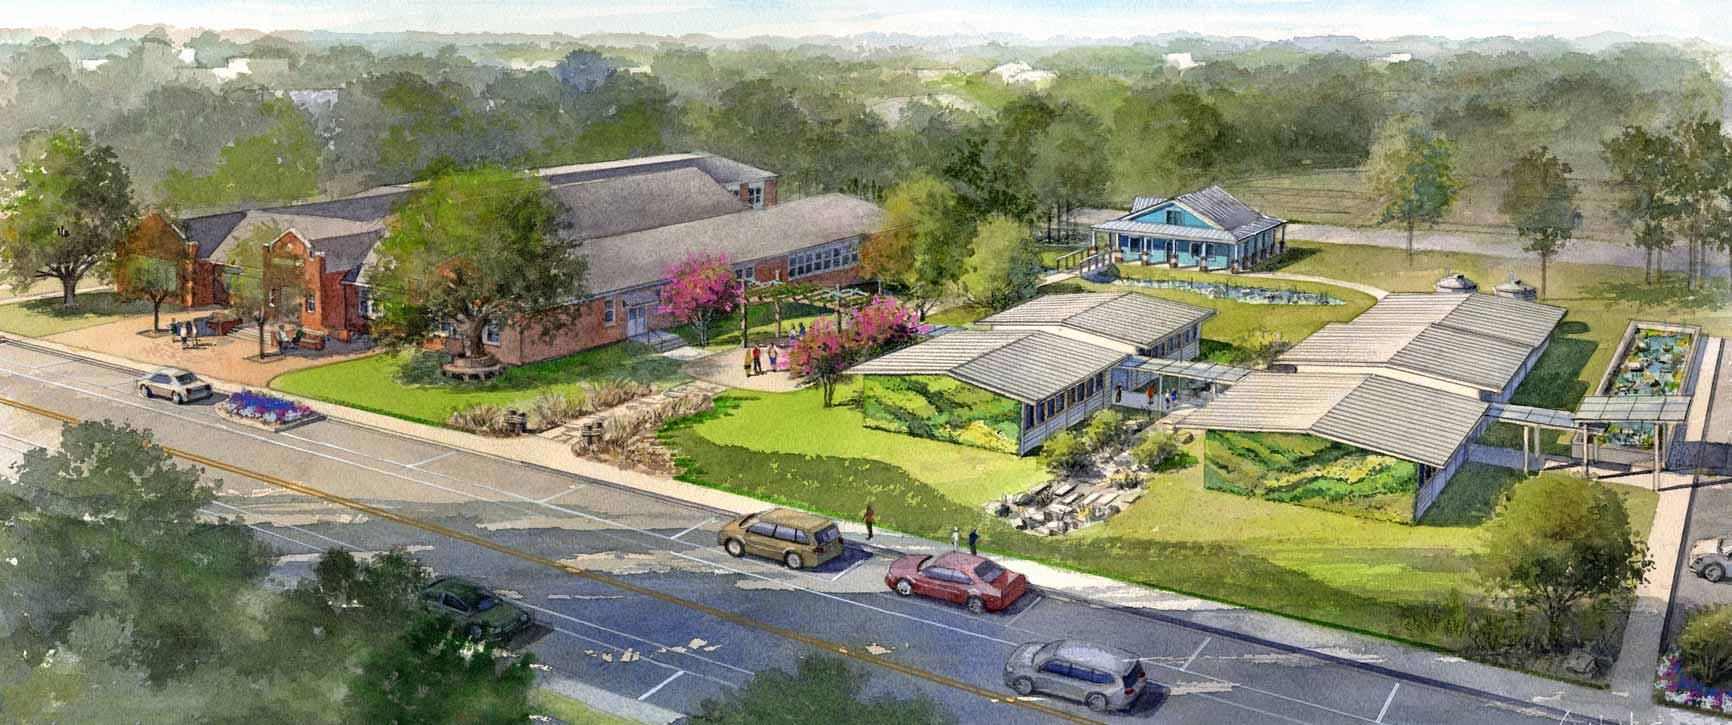 green building school